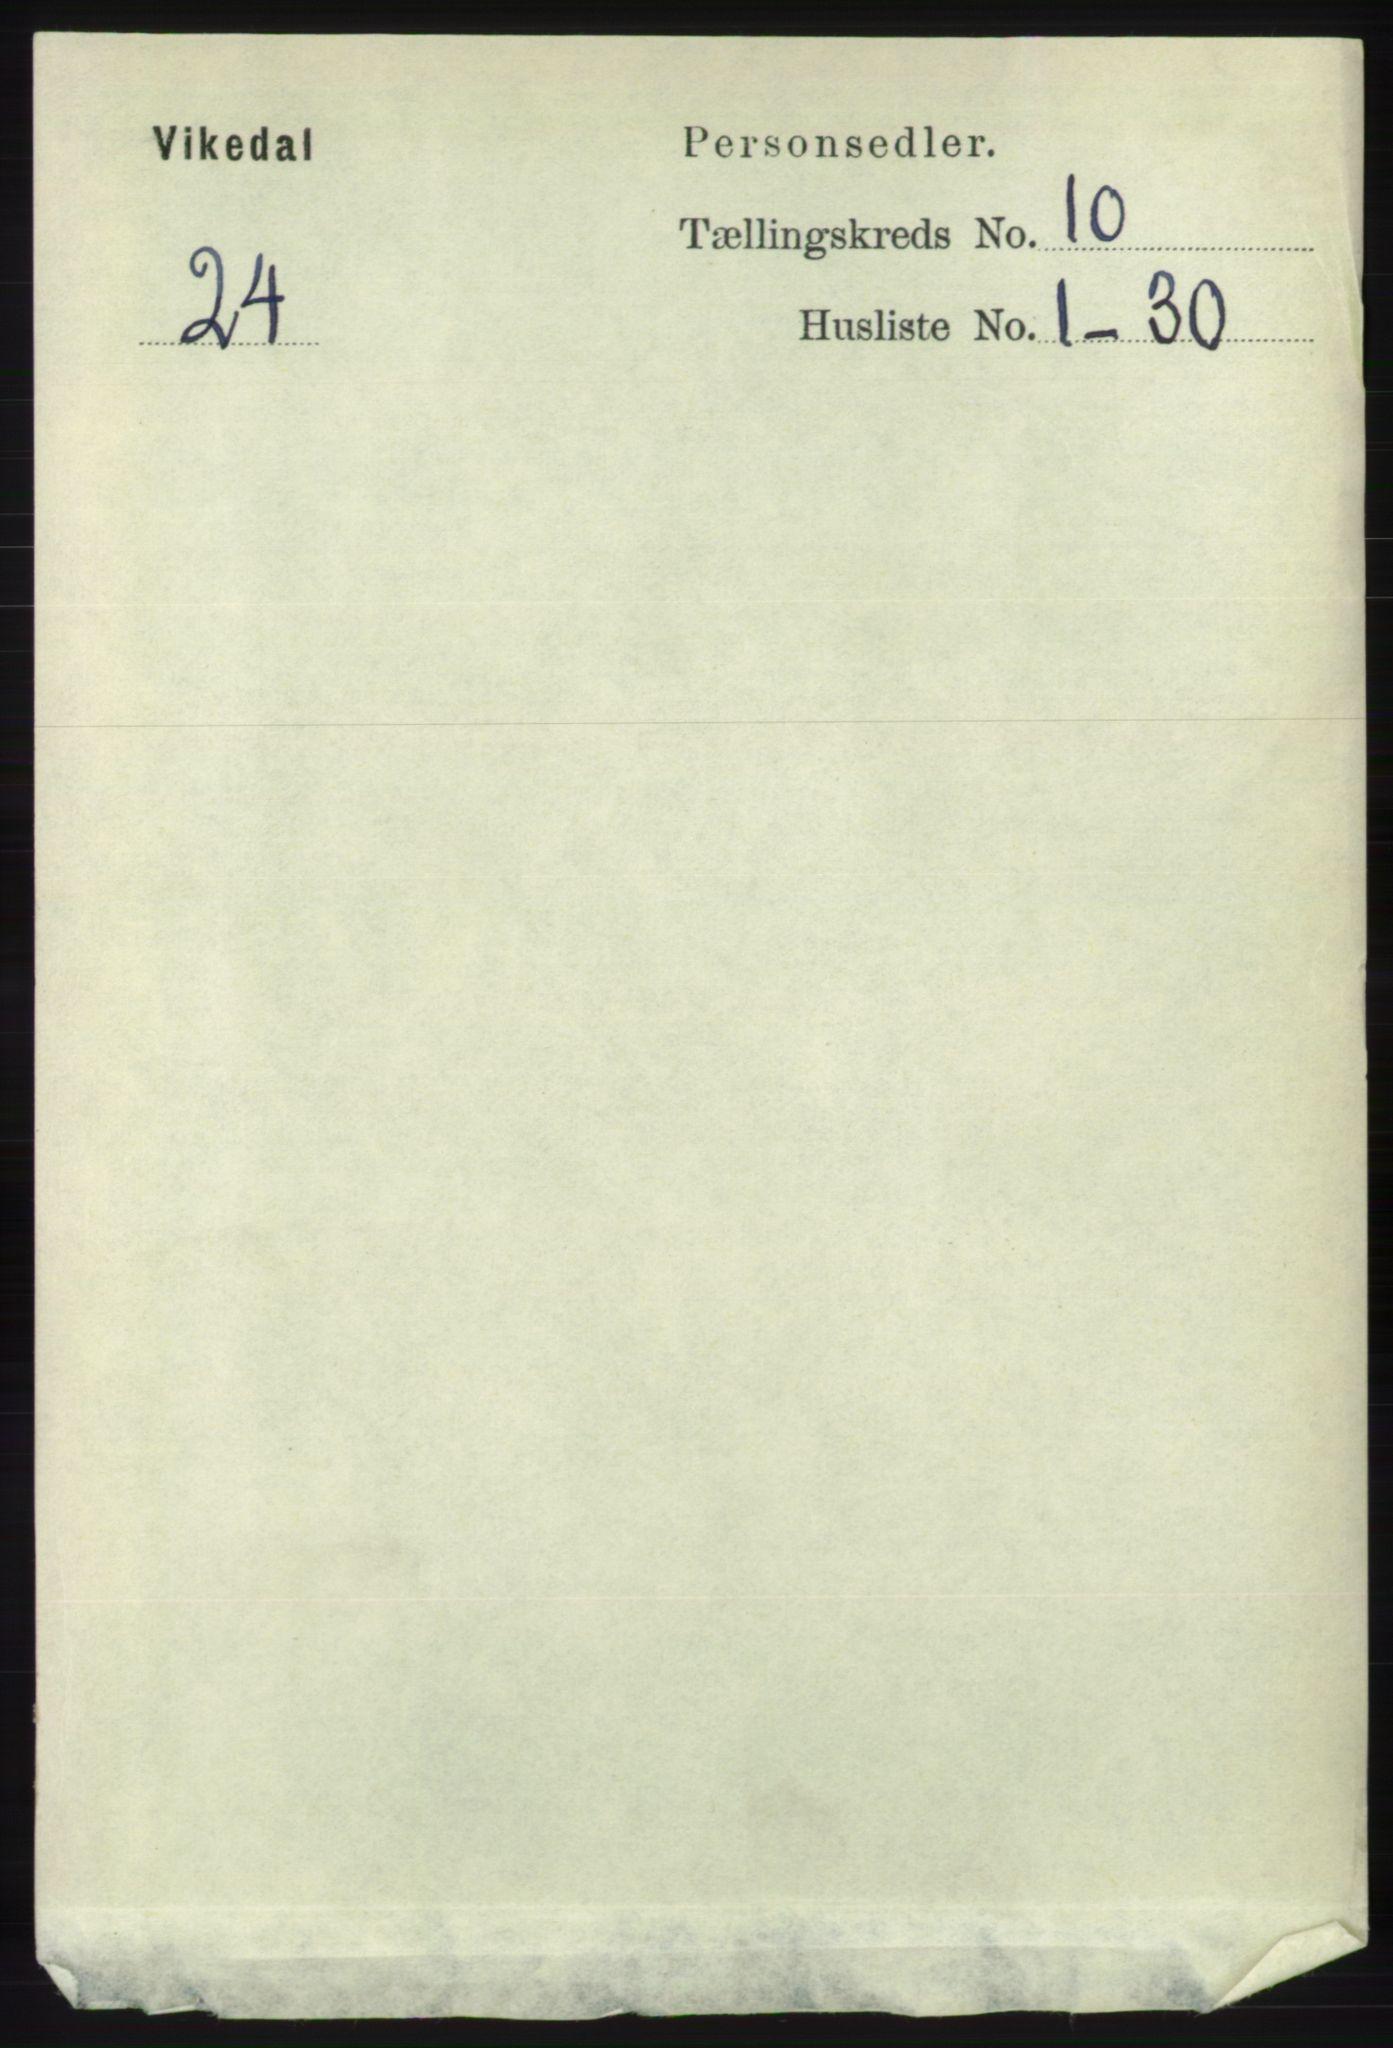 RA, Folketelling 1891 for 1157 Vikedal herred, 1891, s. 2525